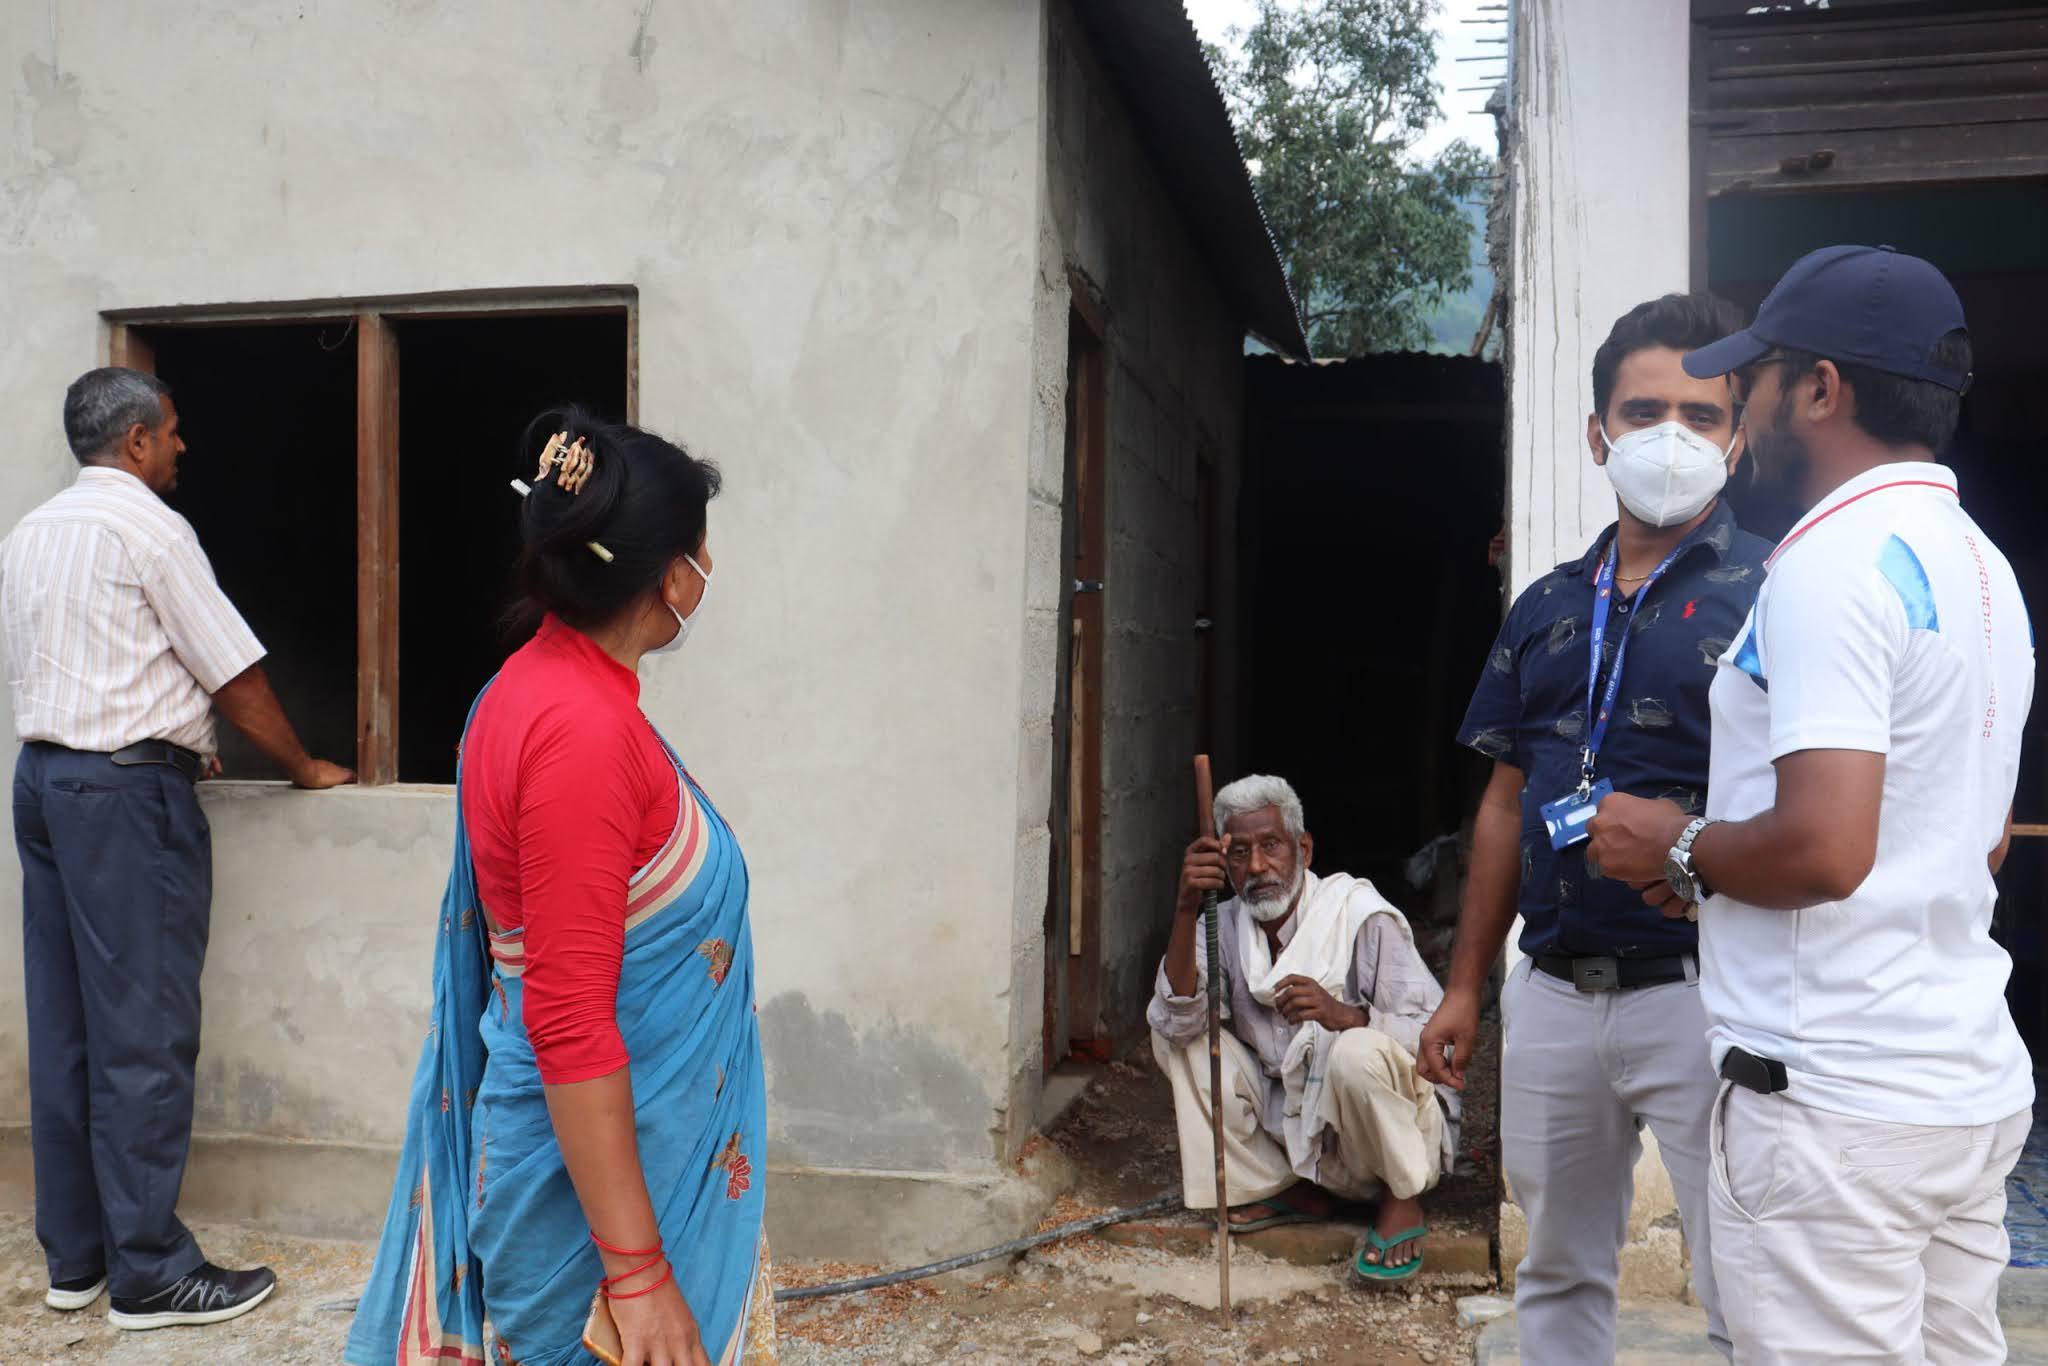 बिपन्न परिवारको पीडामा मल्हम लगाउँदै लुम्बिनी प्रदेश सरकार